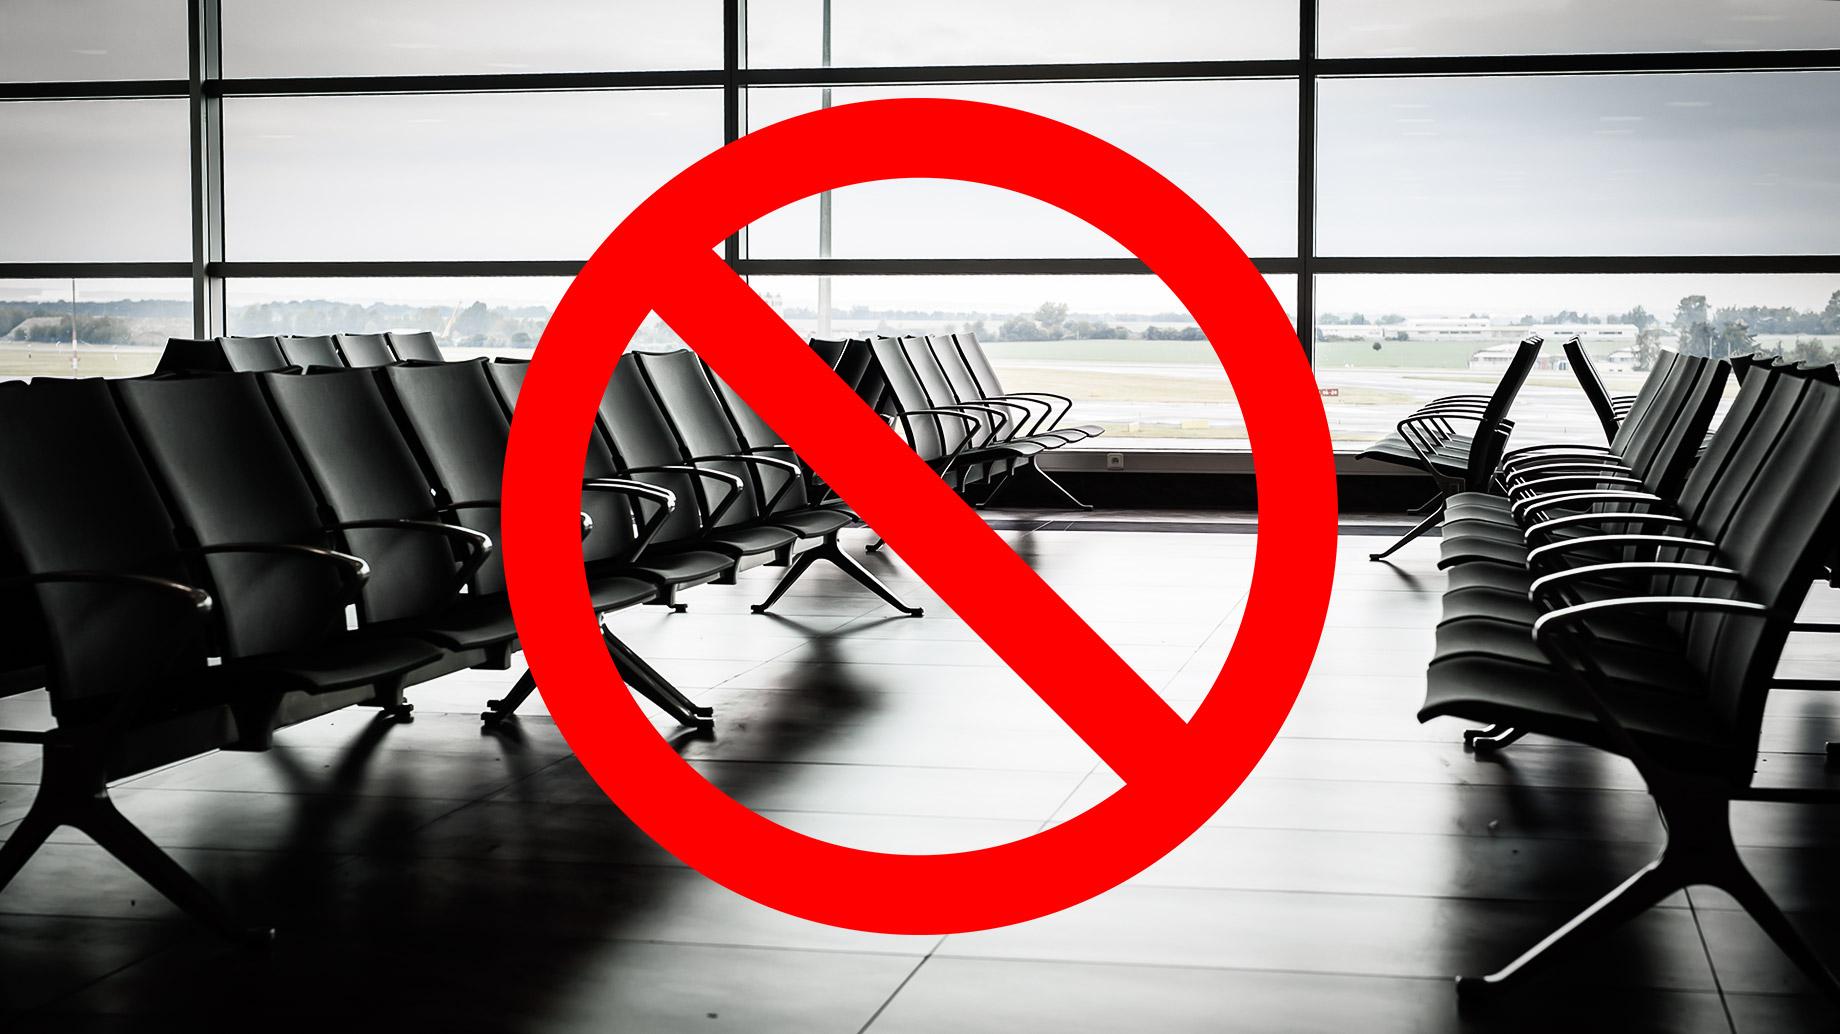 NO MISSED FLIGHTS